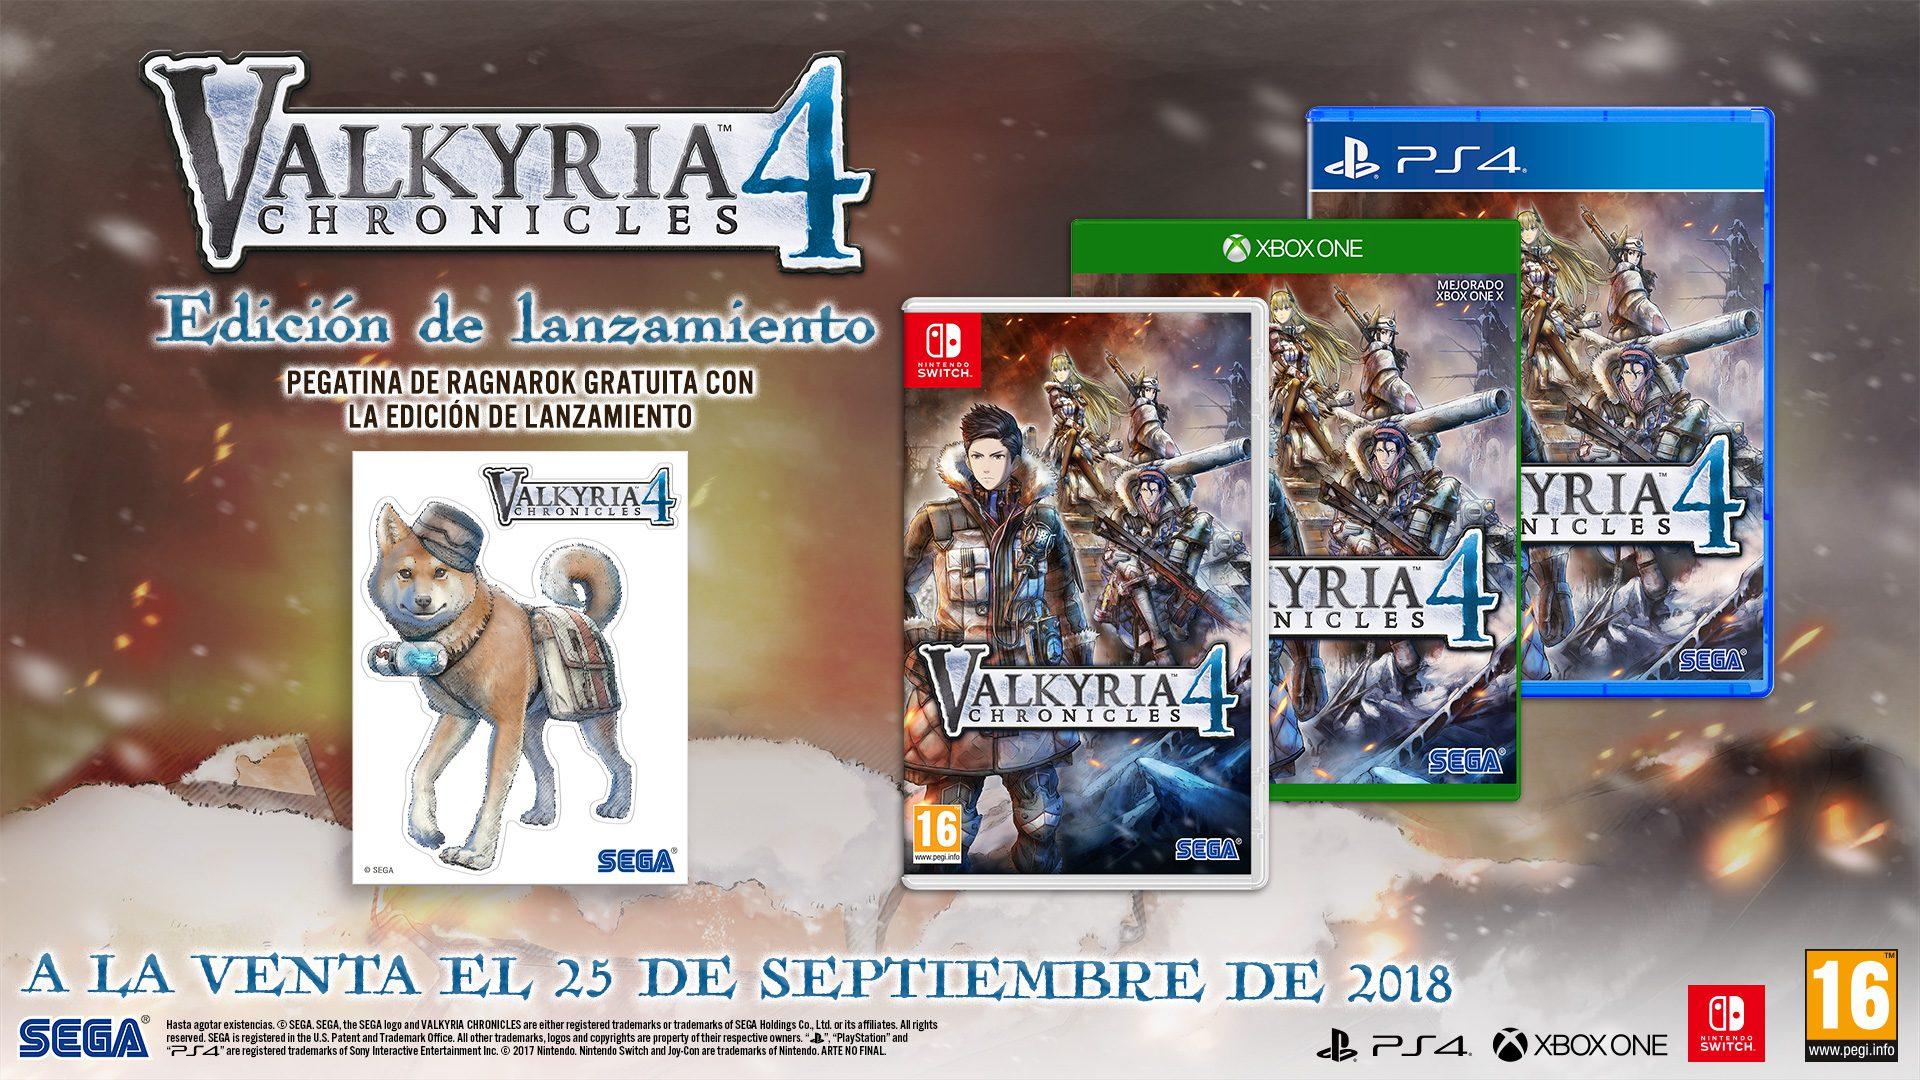 Valkyria Chronicles 4 ya tiene fecha de lanzamiento en Xbox One - Finalmente se ha confirmado que el próximo 25 de septiembre podremos disfrutar en Xbox One del esperado, Valkyria Chronicles 4.